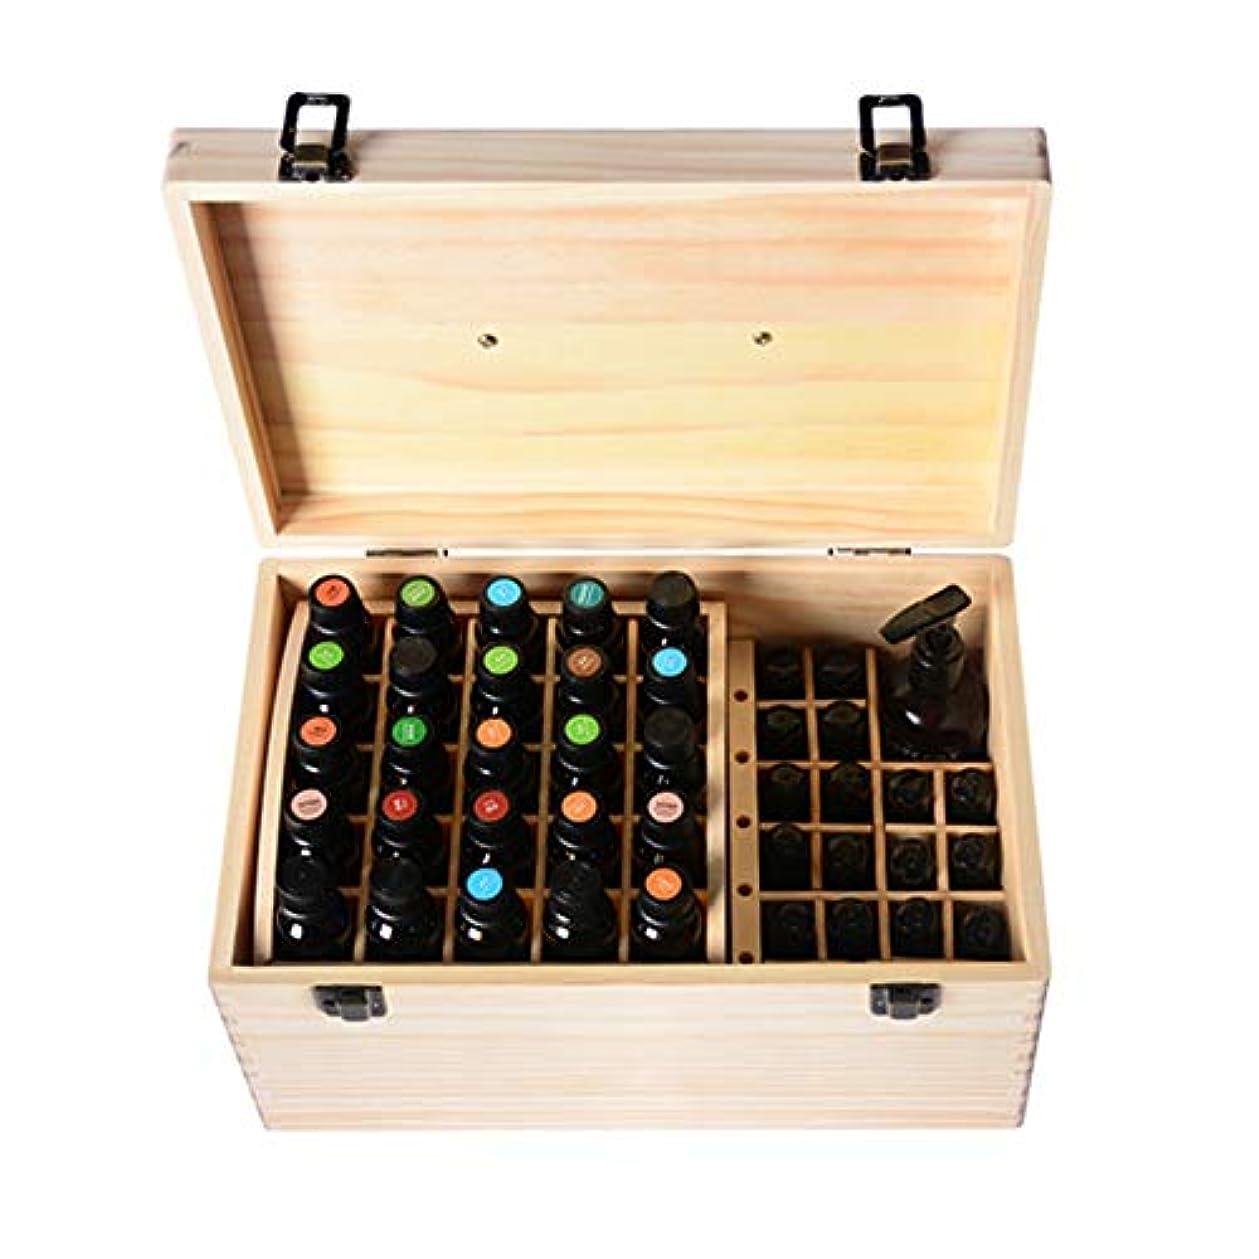 ピンポイントについて住居精油ケース 74スロット木エッセンシャルオイルボックス収納ケース内部のリムーバブルは15/10 M1のボトルナチュラルパインを開催します 携帯便利 (色 : Natural, サイズ : 35X20X16.5CM)